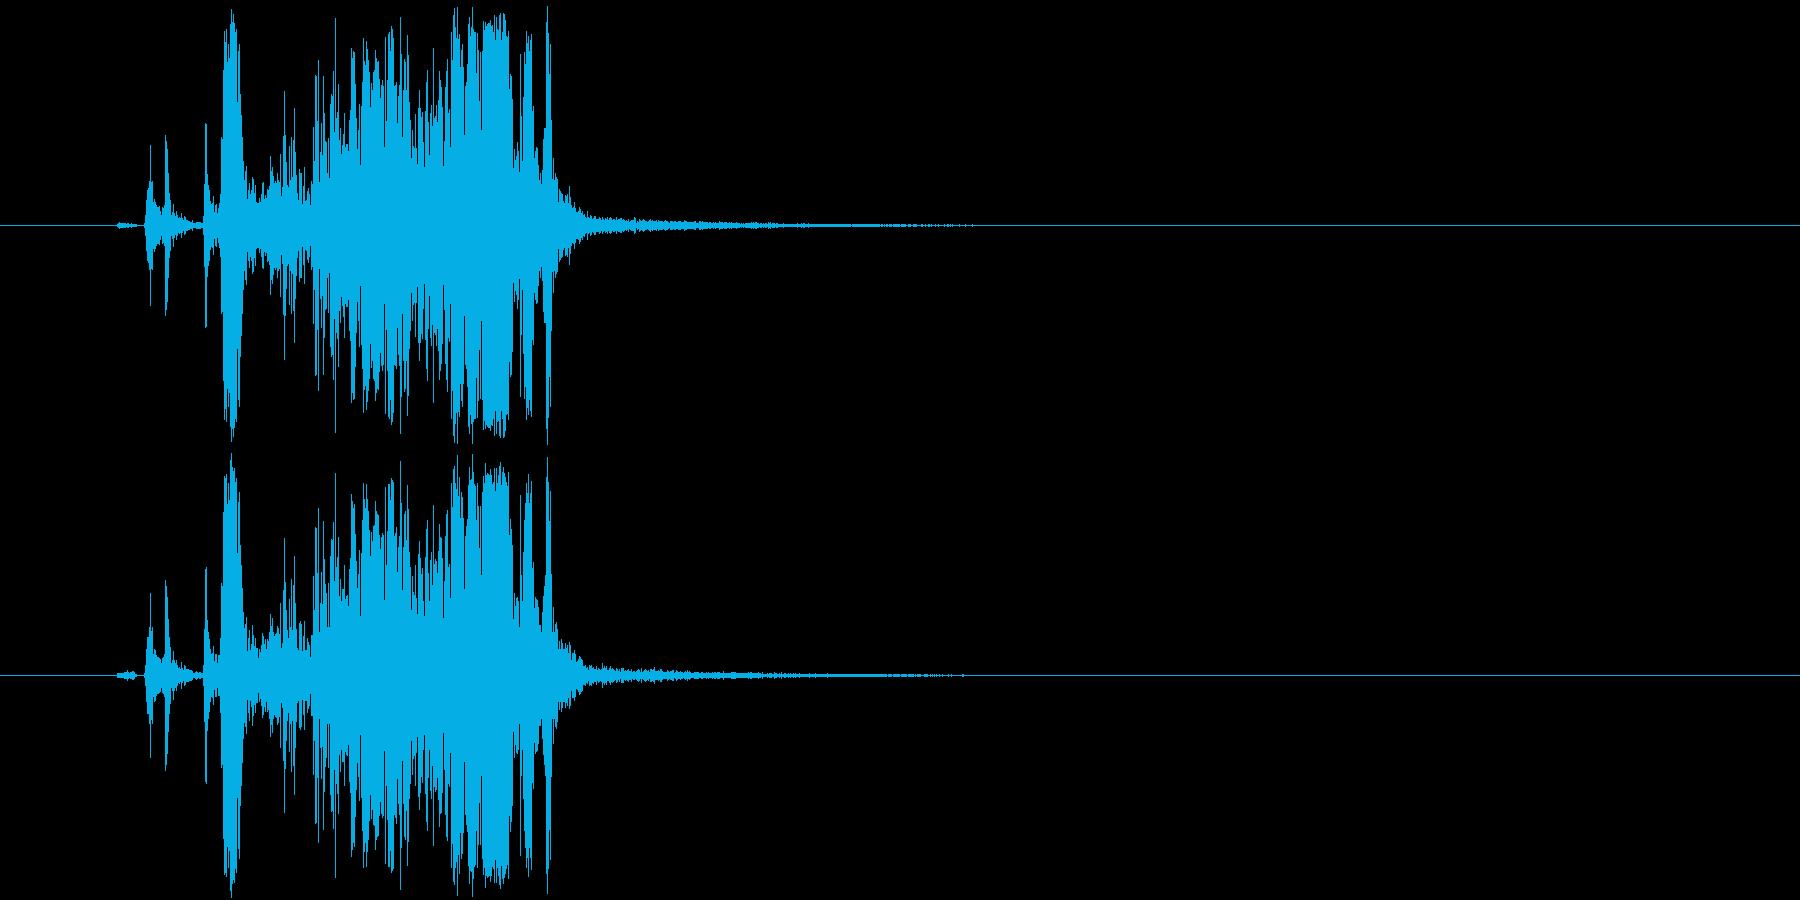 シャッター音「カシャ!」の再生済みの波形